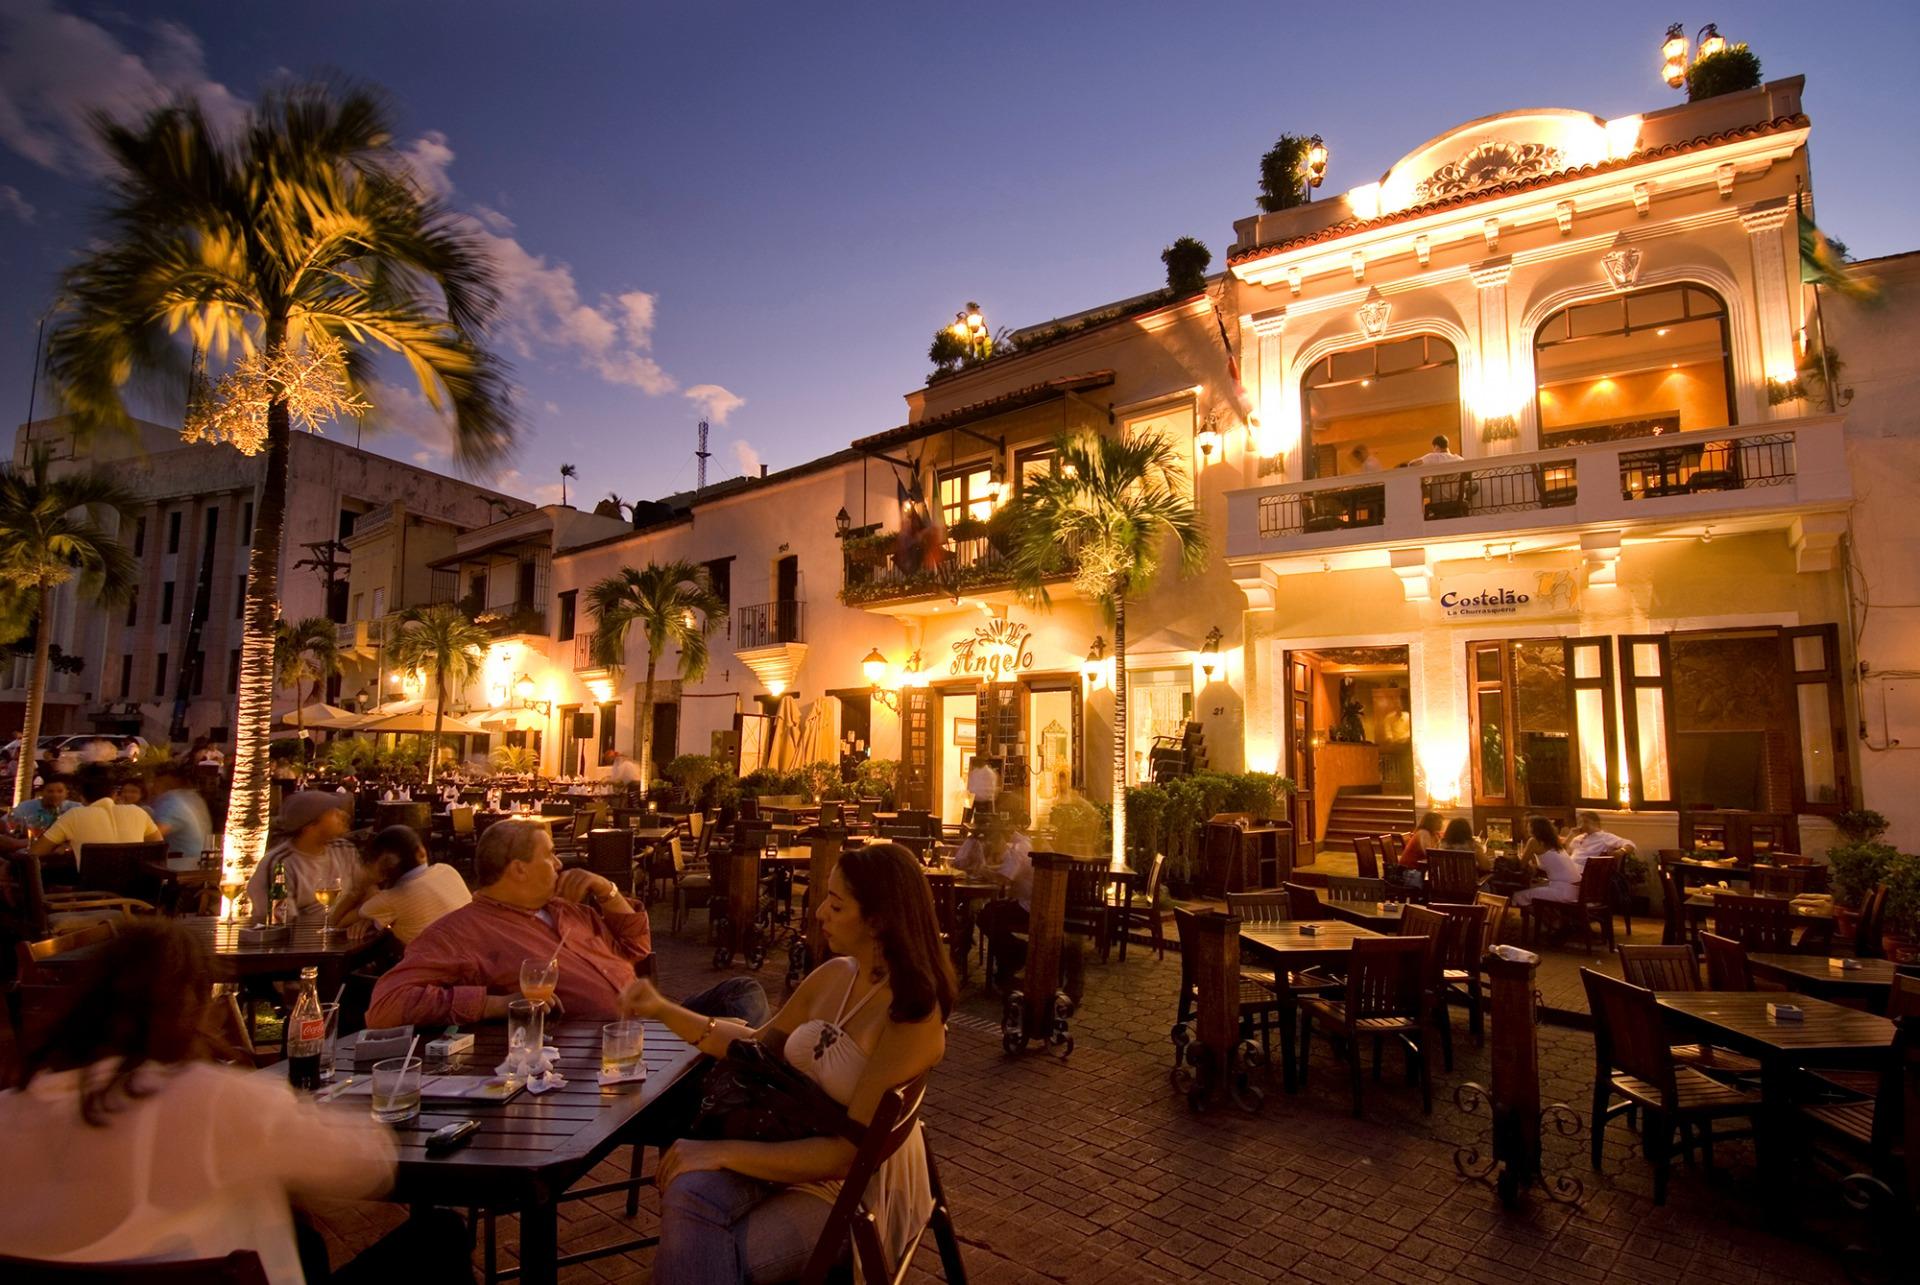 Cultura, diversão, compras e vida noturna são atrações em Santo Domingo